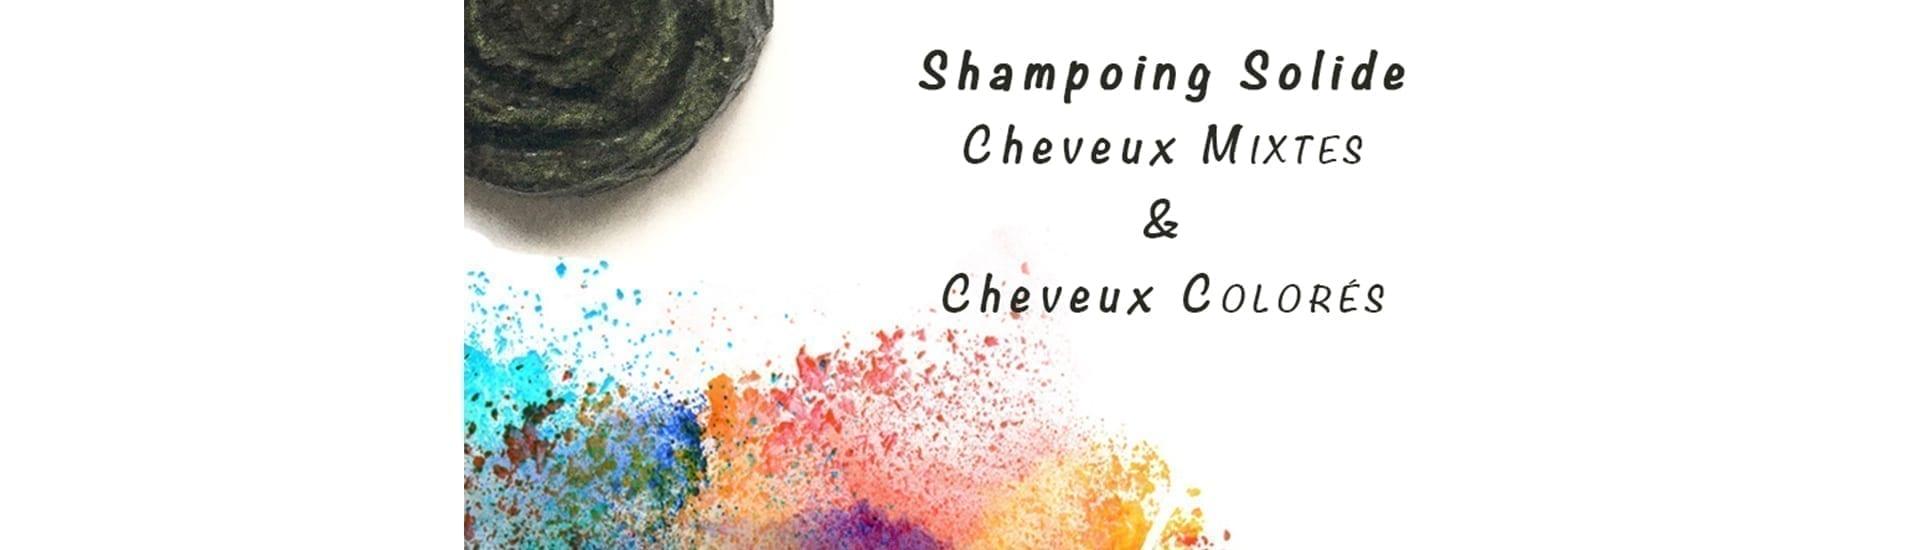 Shampoing solide cheveux mixtes & colorés